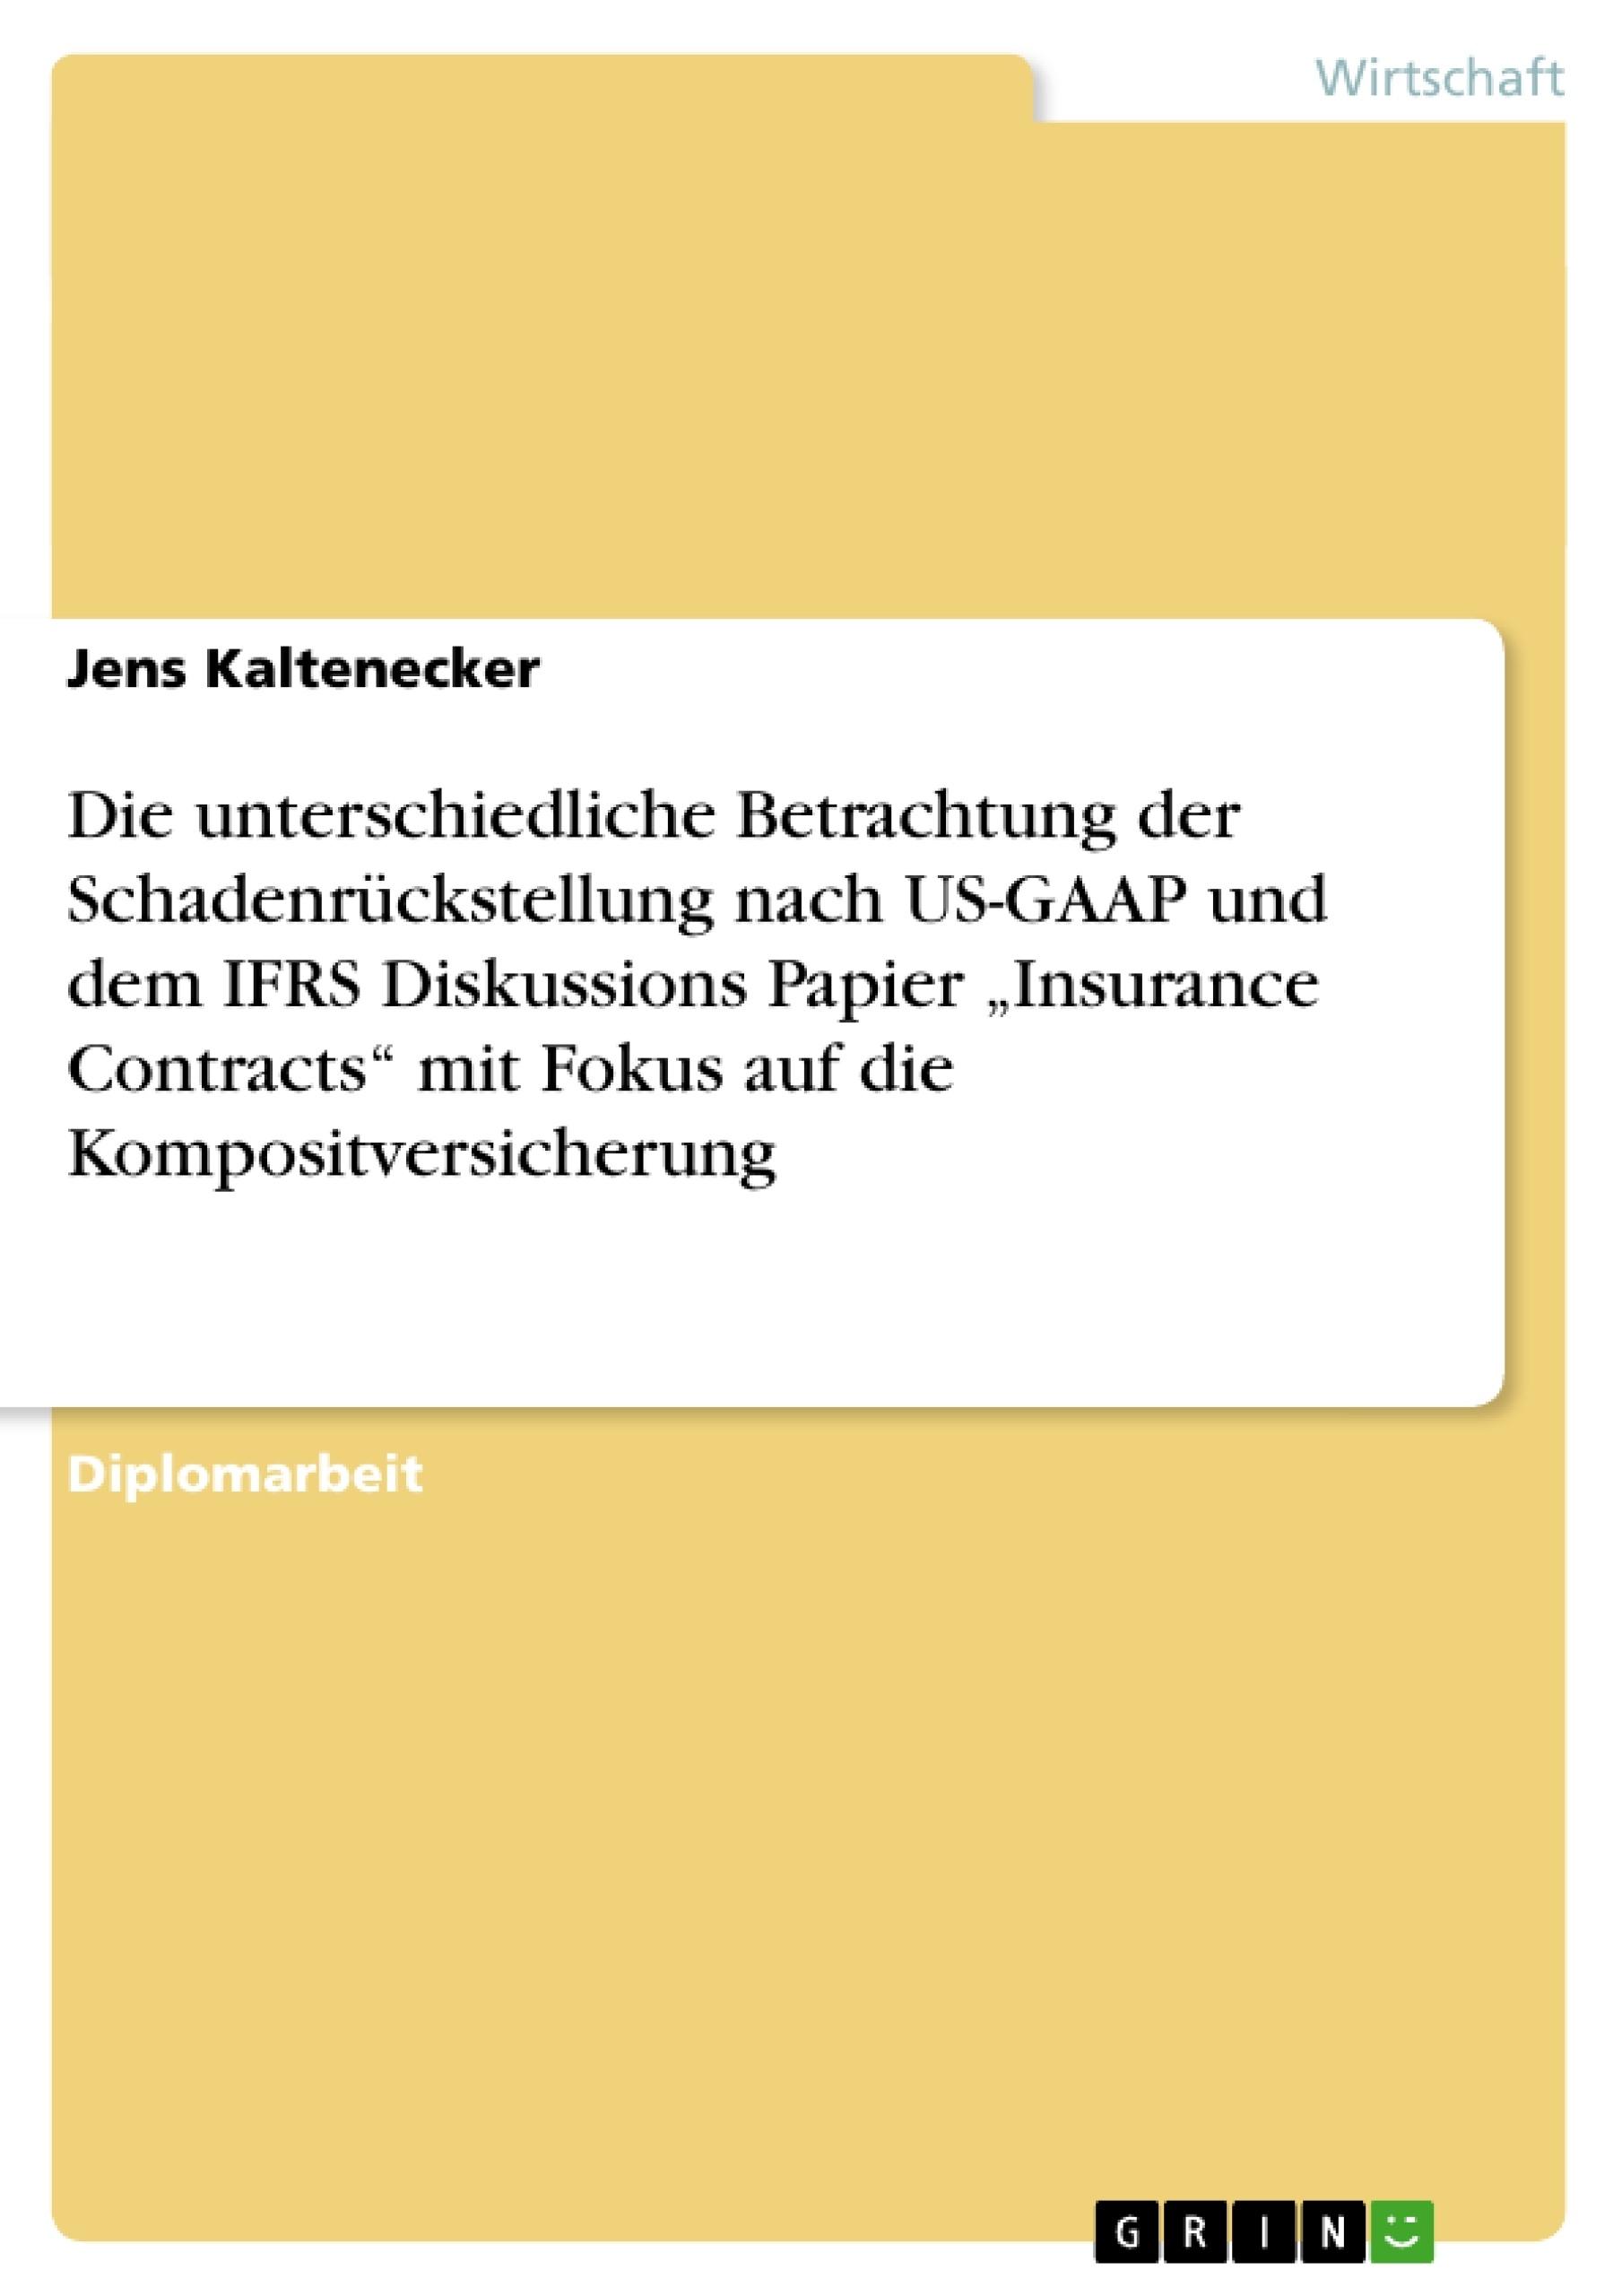 """Titel: Die unterschiedliche Betrachtung der Schadenrückstellung nach US-GAAP und dem IFRS Diskussions Papier """"Insurance Contracts"""" mit Fokus auf die Kompositversicherung"""